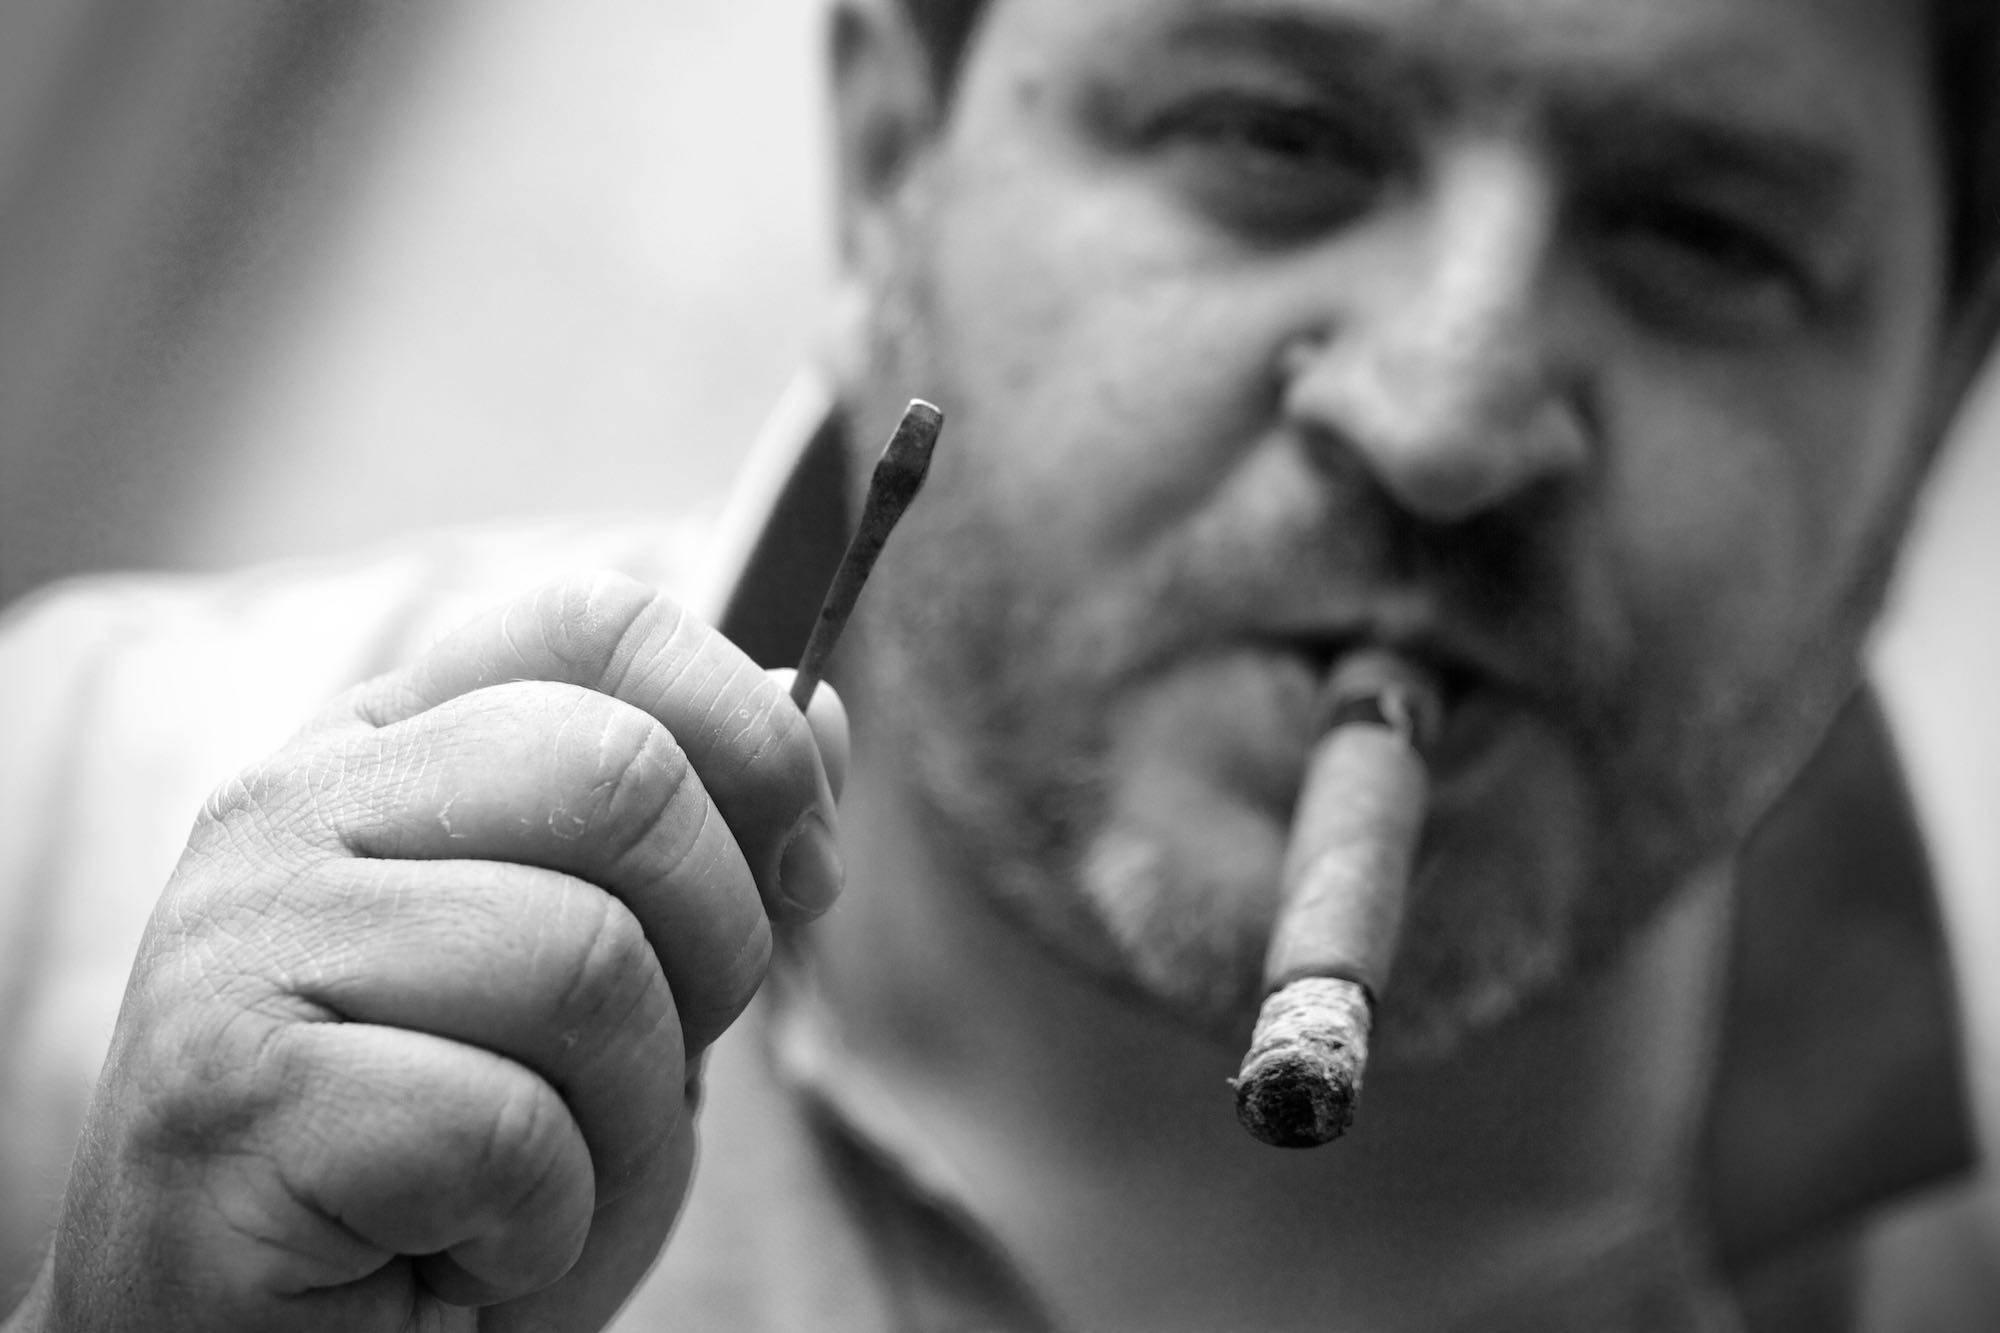 Massimiliano scarpa self portrait Valgrande comelico superiore autunno 2015 - 42 di 42